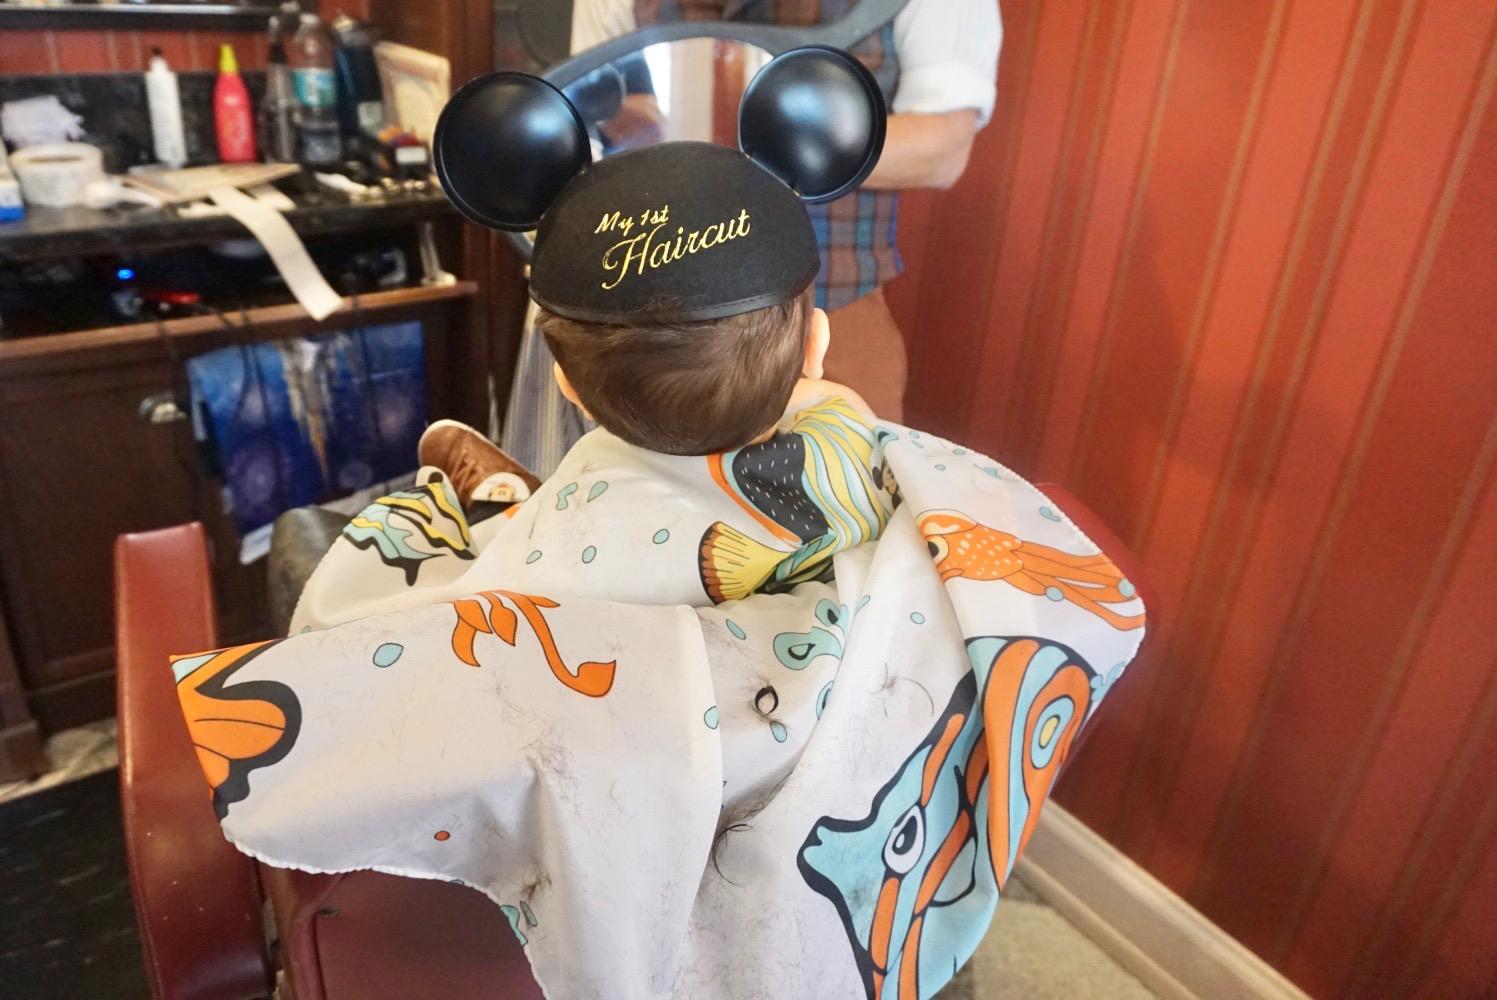 Baby's First Haircut | Disney Edition Miami Moms Blog Becky Salgado